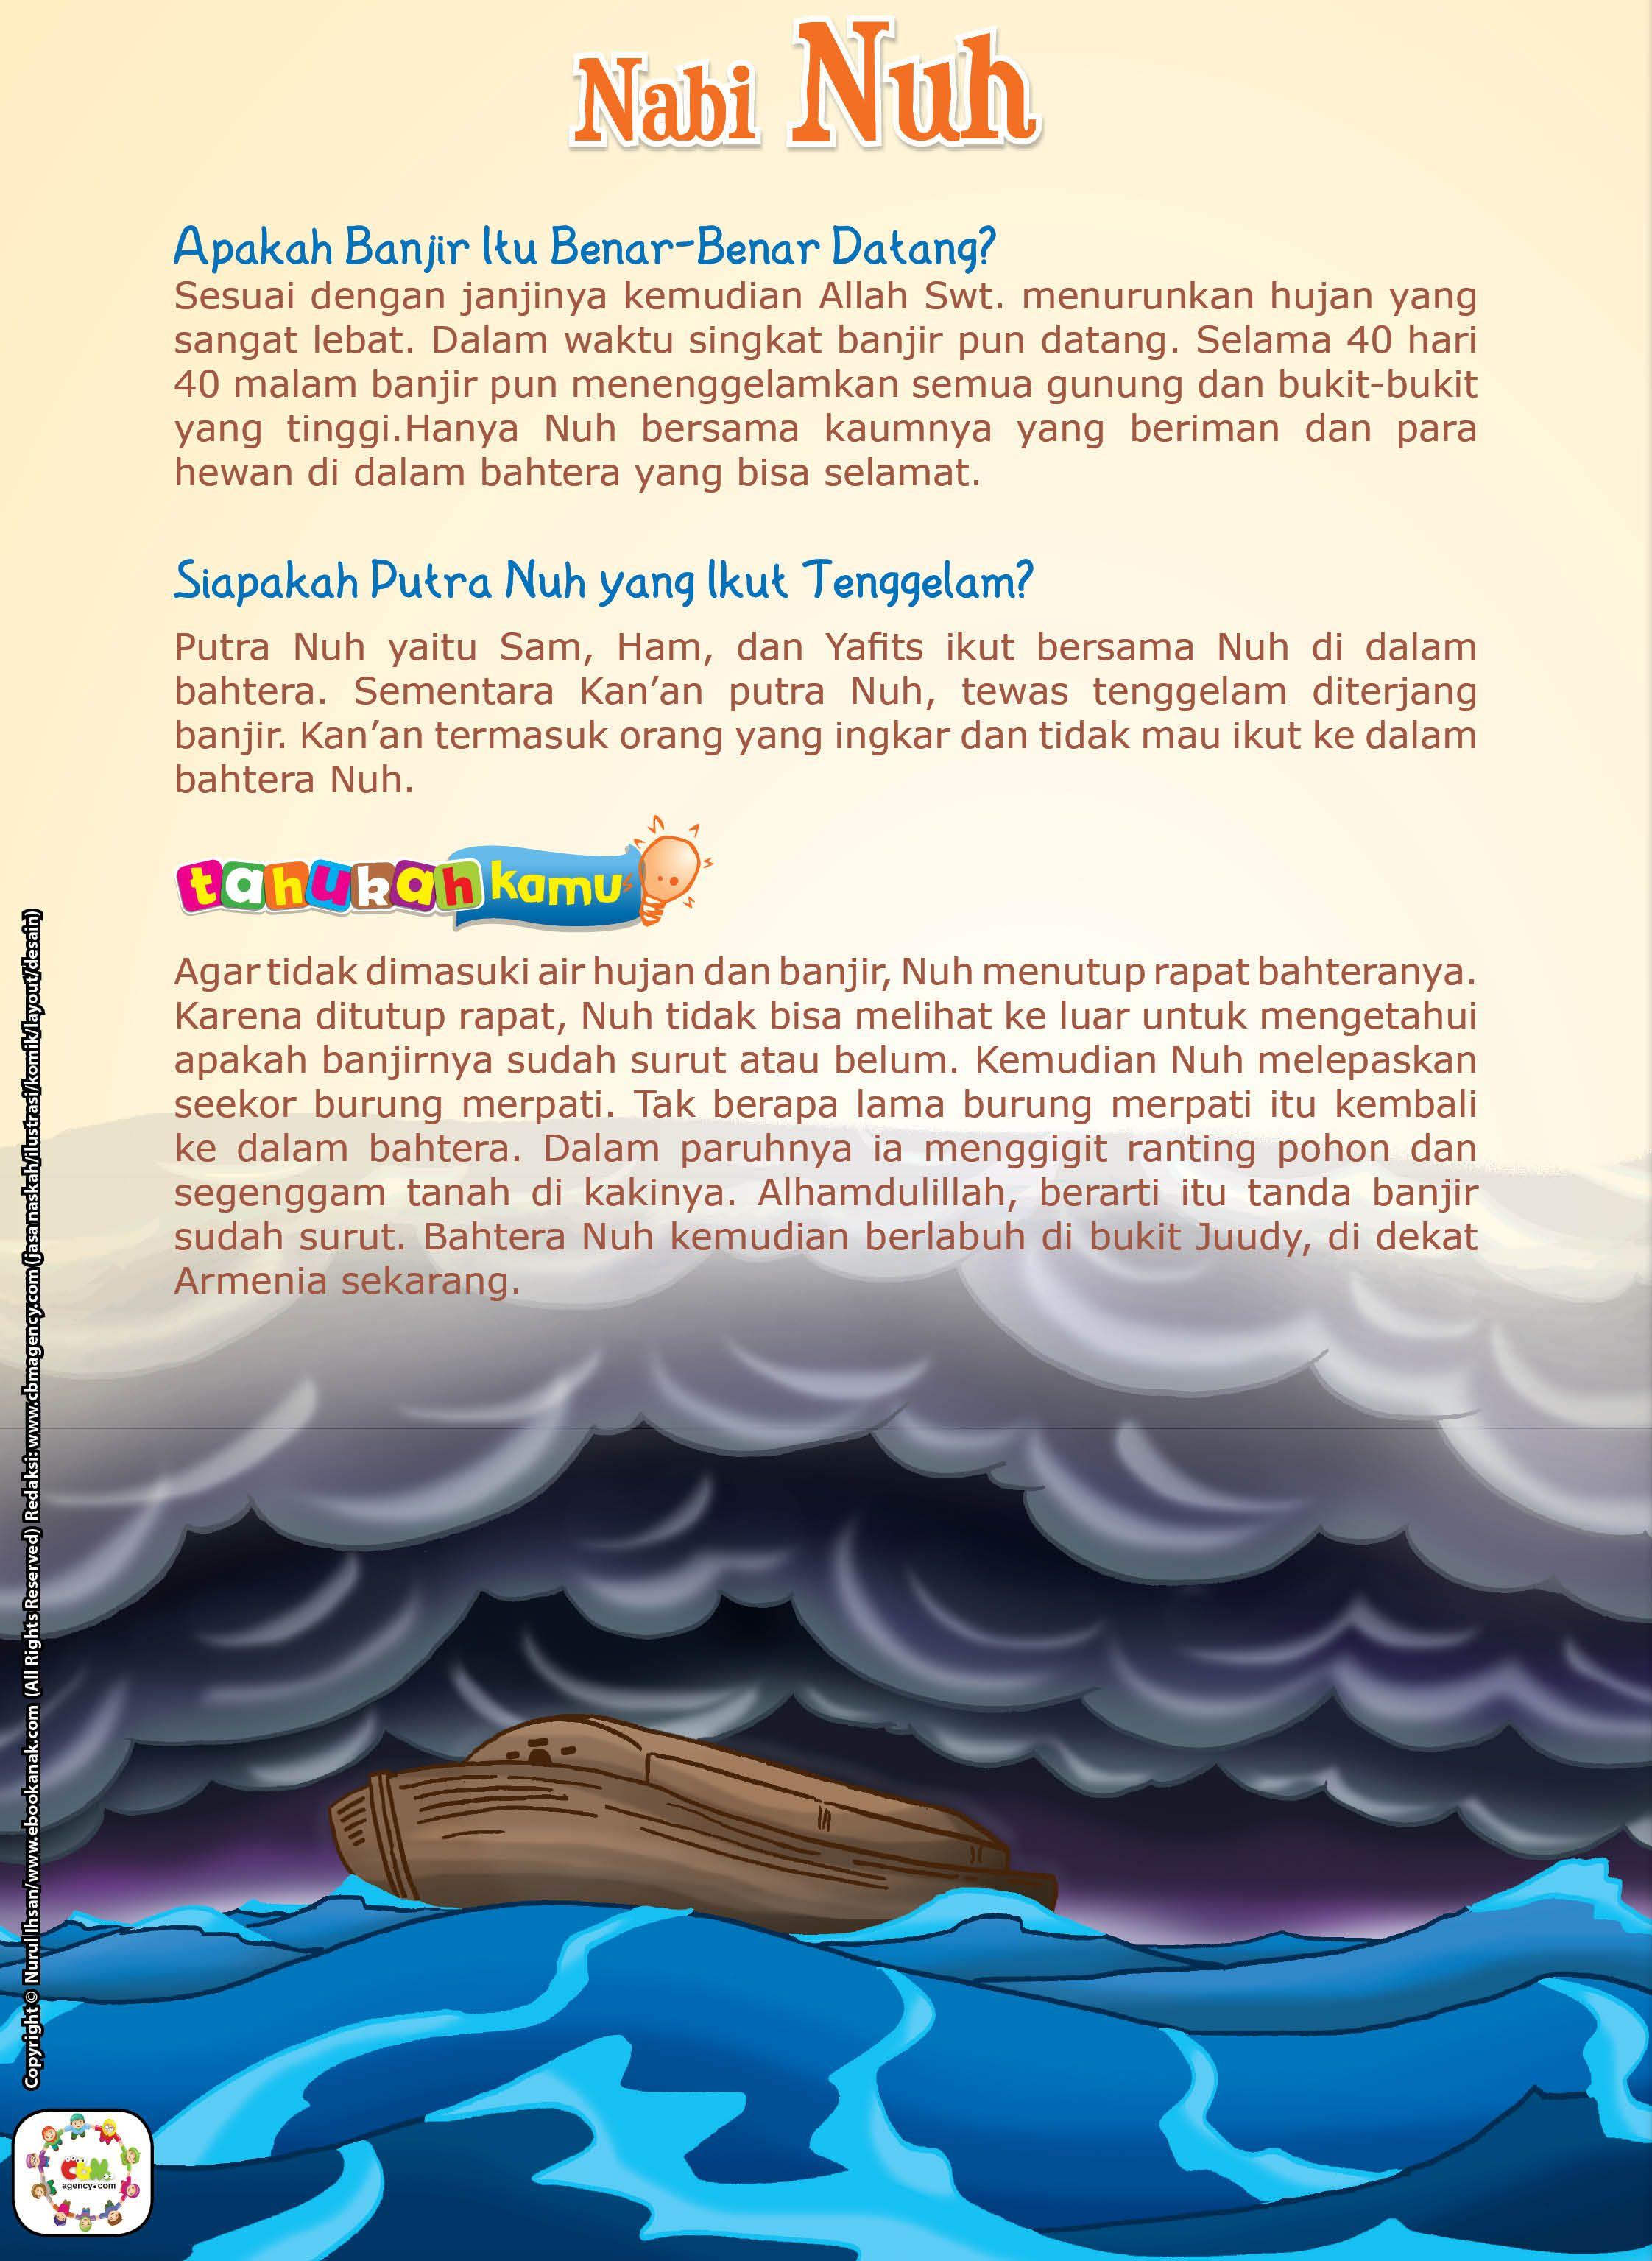 Kisah Nabi Nuh Lengkap : kisah, lengkap, Cerita